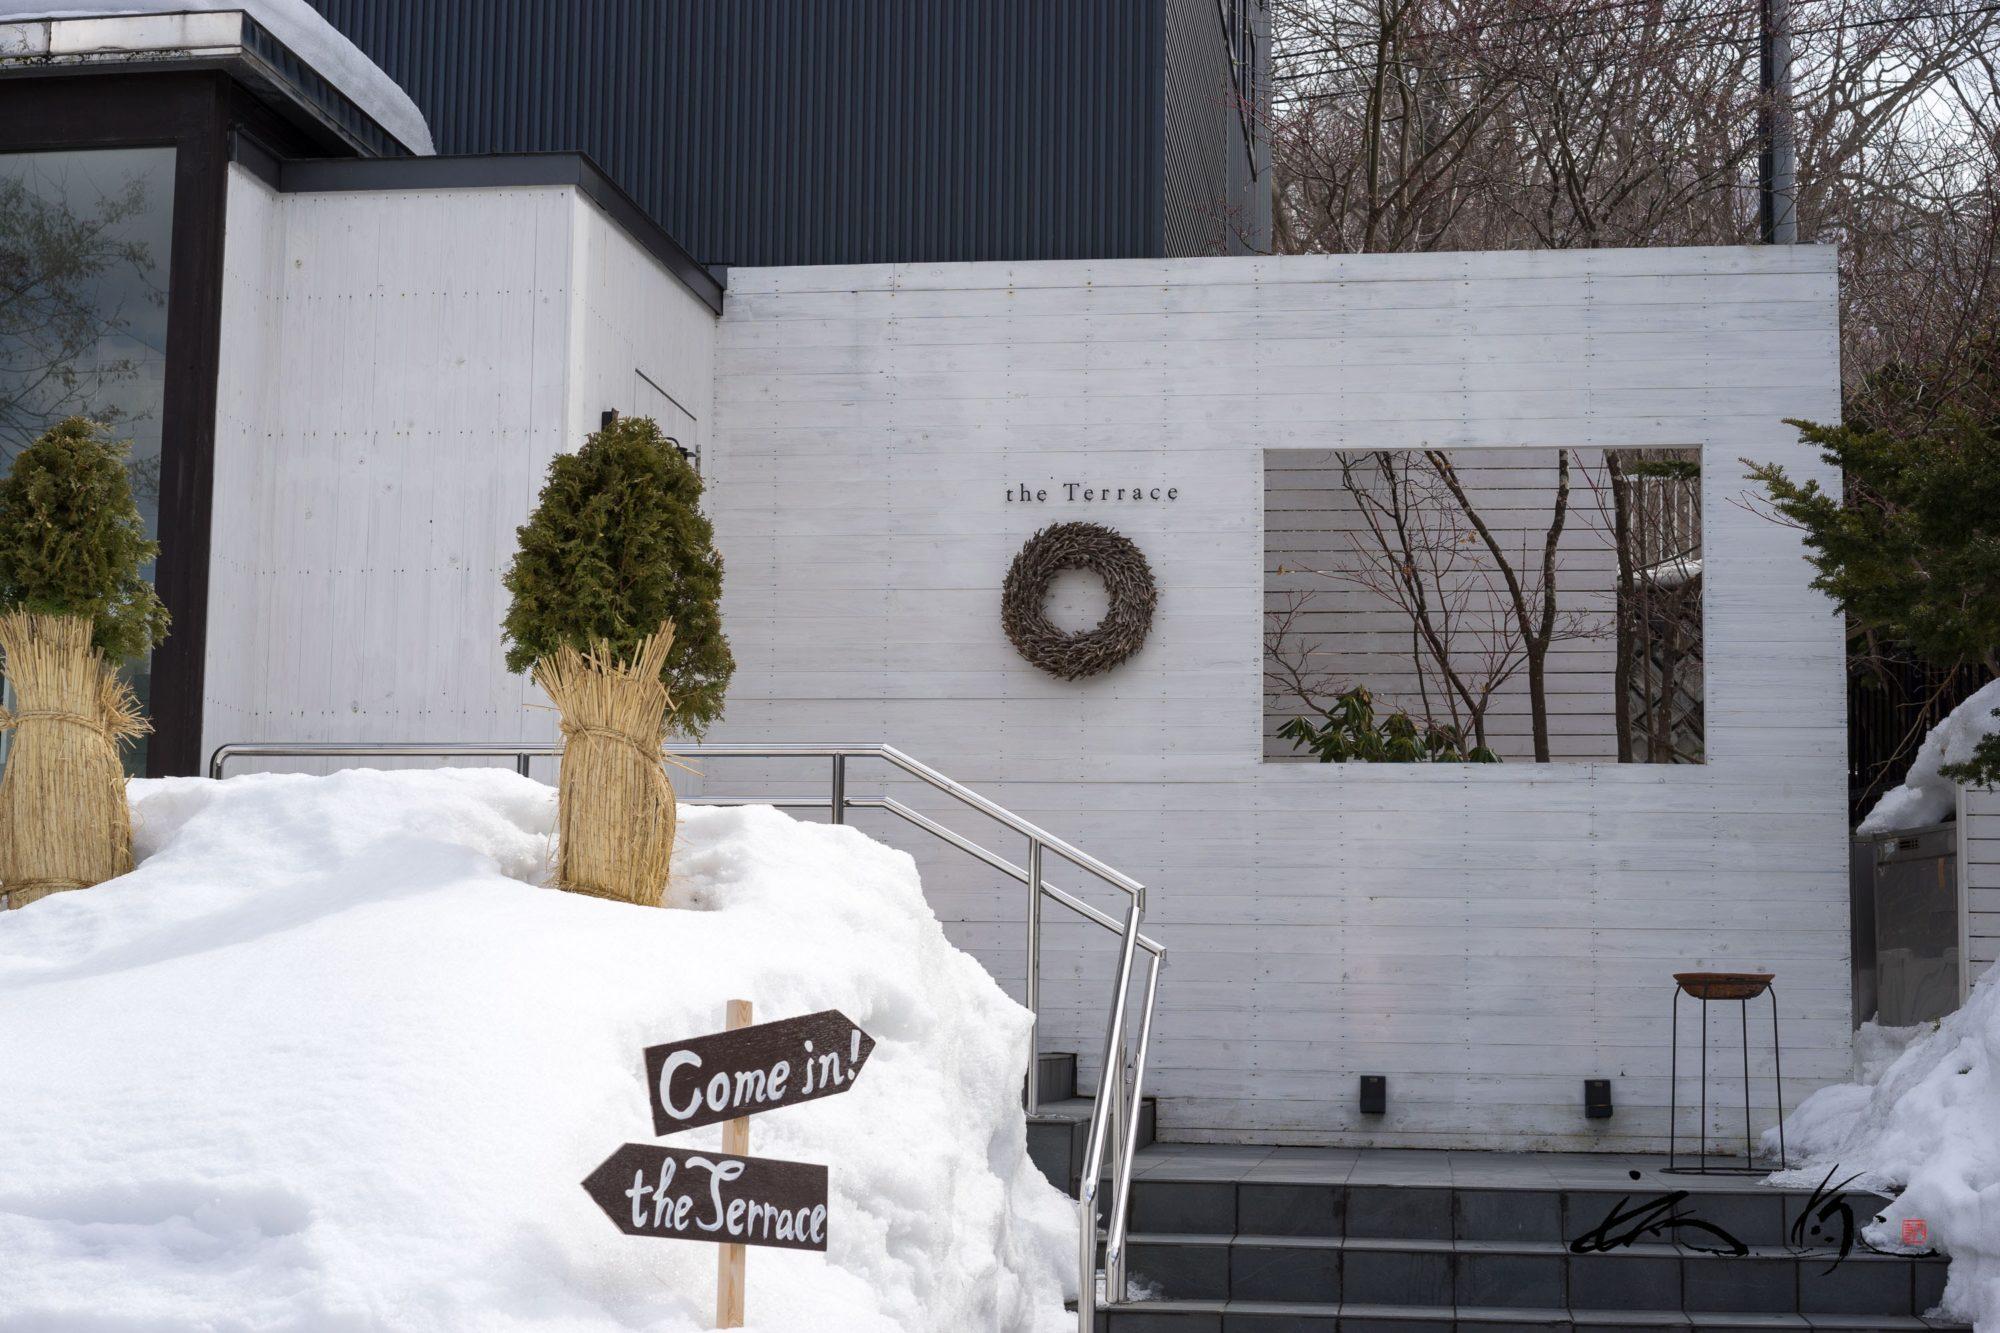 テラス(the Terrace・札幌市)は一軒家のフレンチレストラン